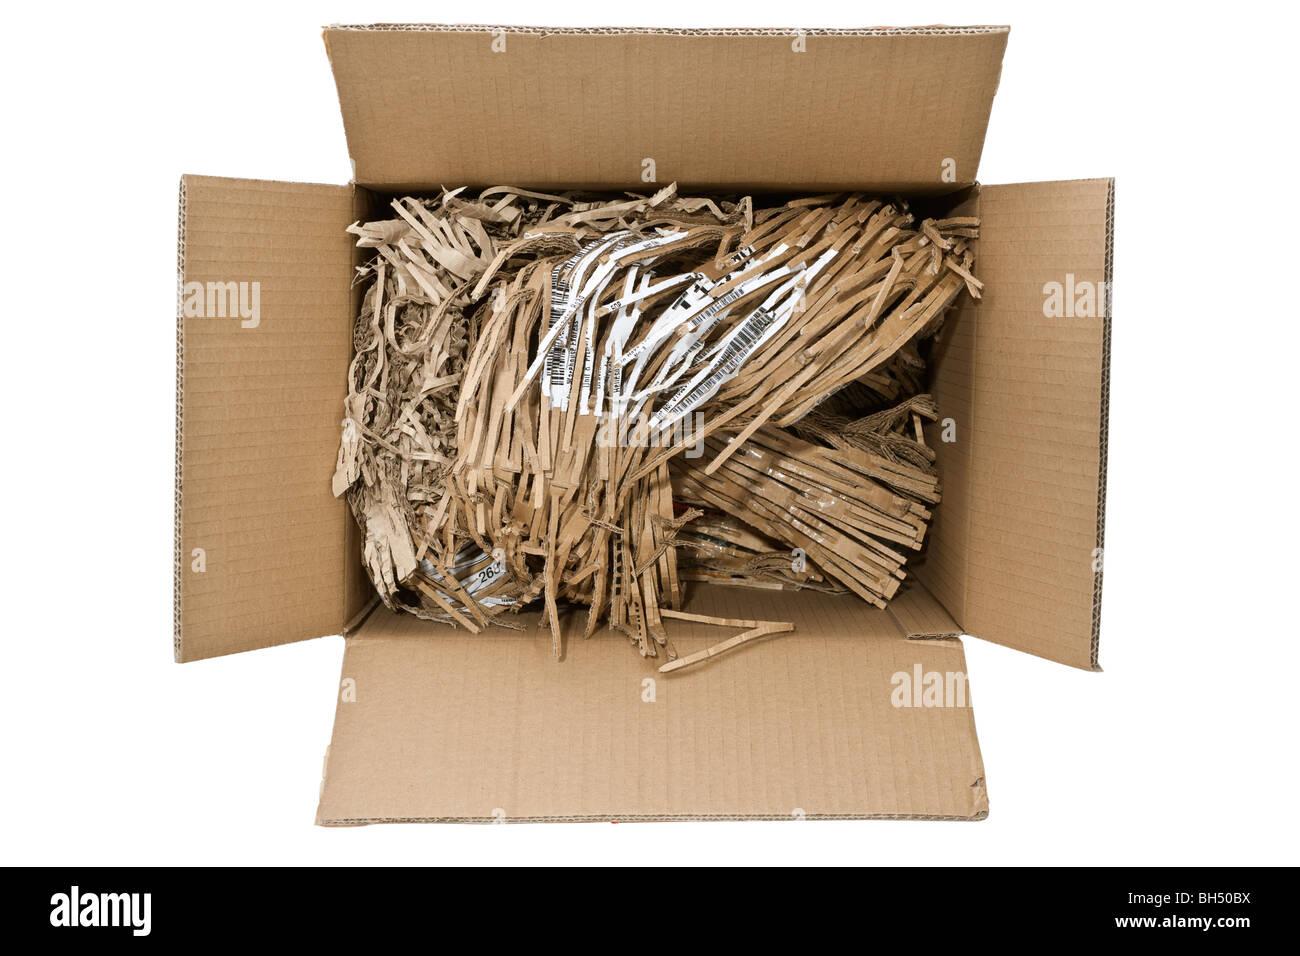 Guardando verso il basso all'interno di una scatola di cartone piena di shredded cartone riciclato materiale Immagini Stock